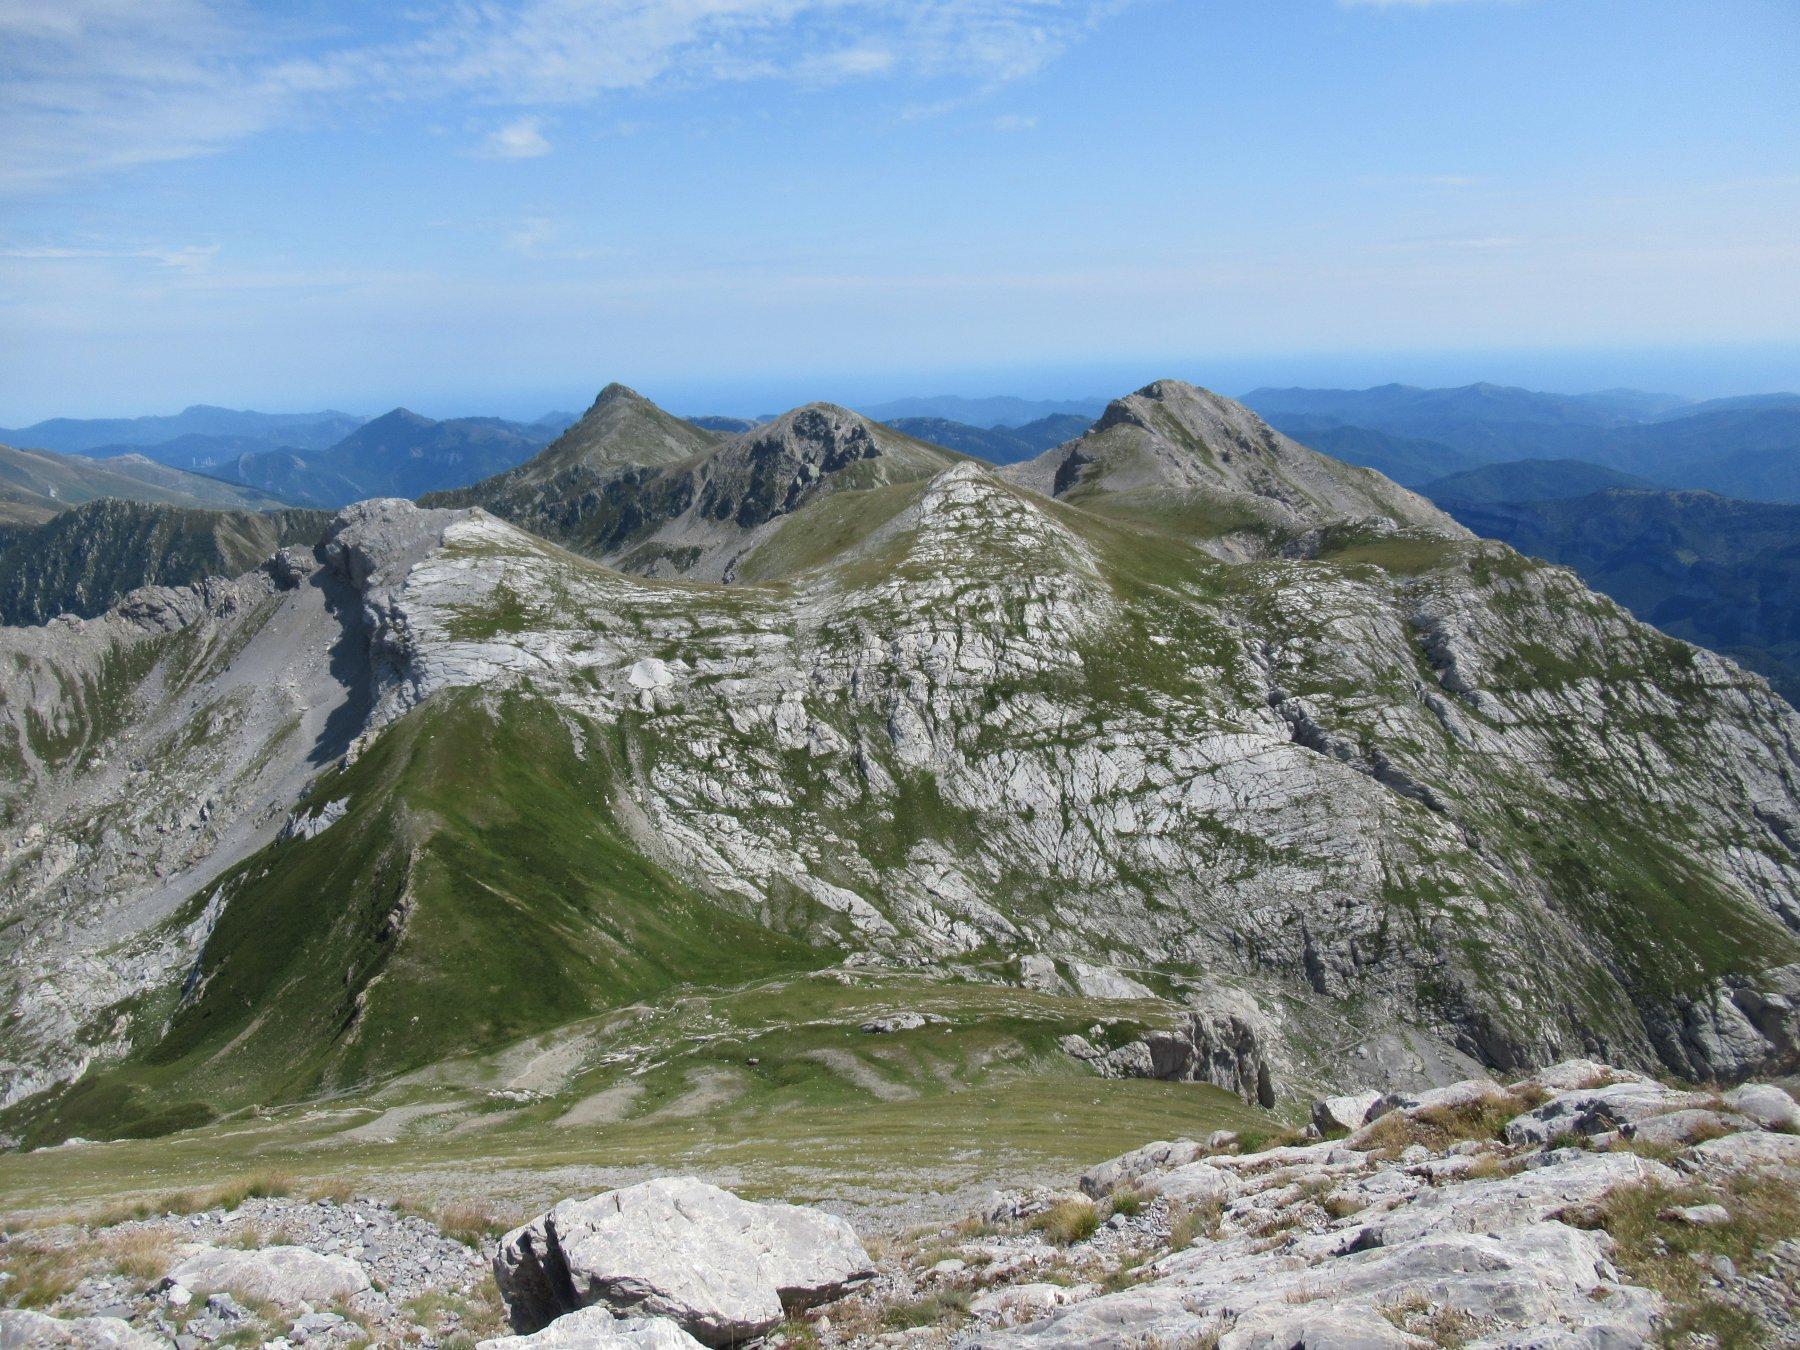 Bric Conoia, Monte Rotondo e Cima Revelli con il Pizzo dietro visti dal Mongioie.